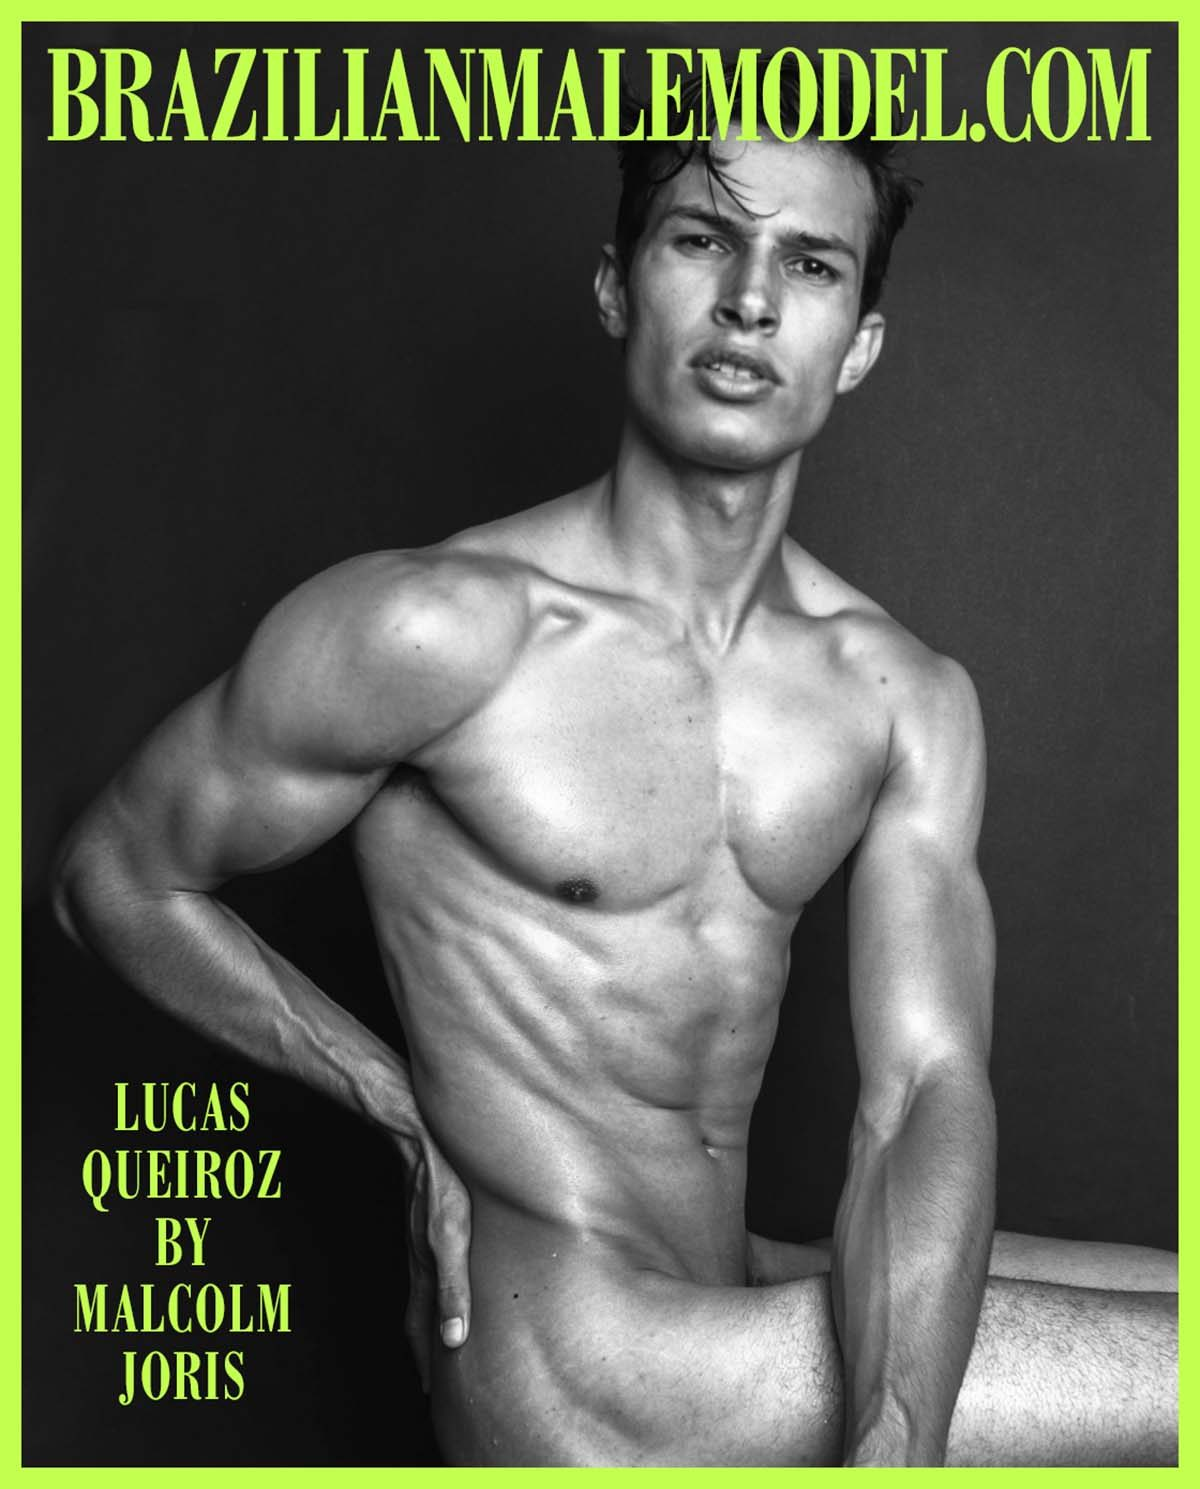 Lucas Queiroz by Malcolm Joris